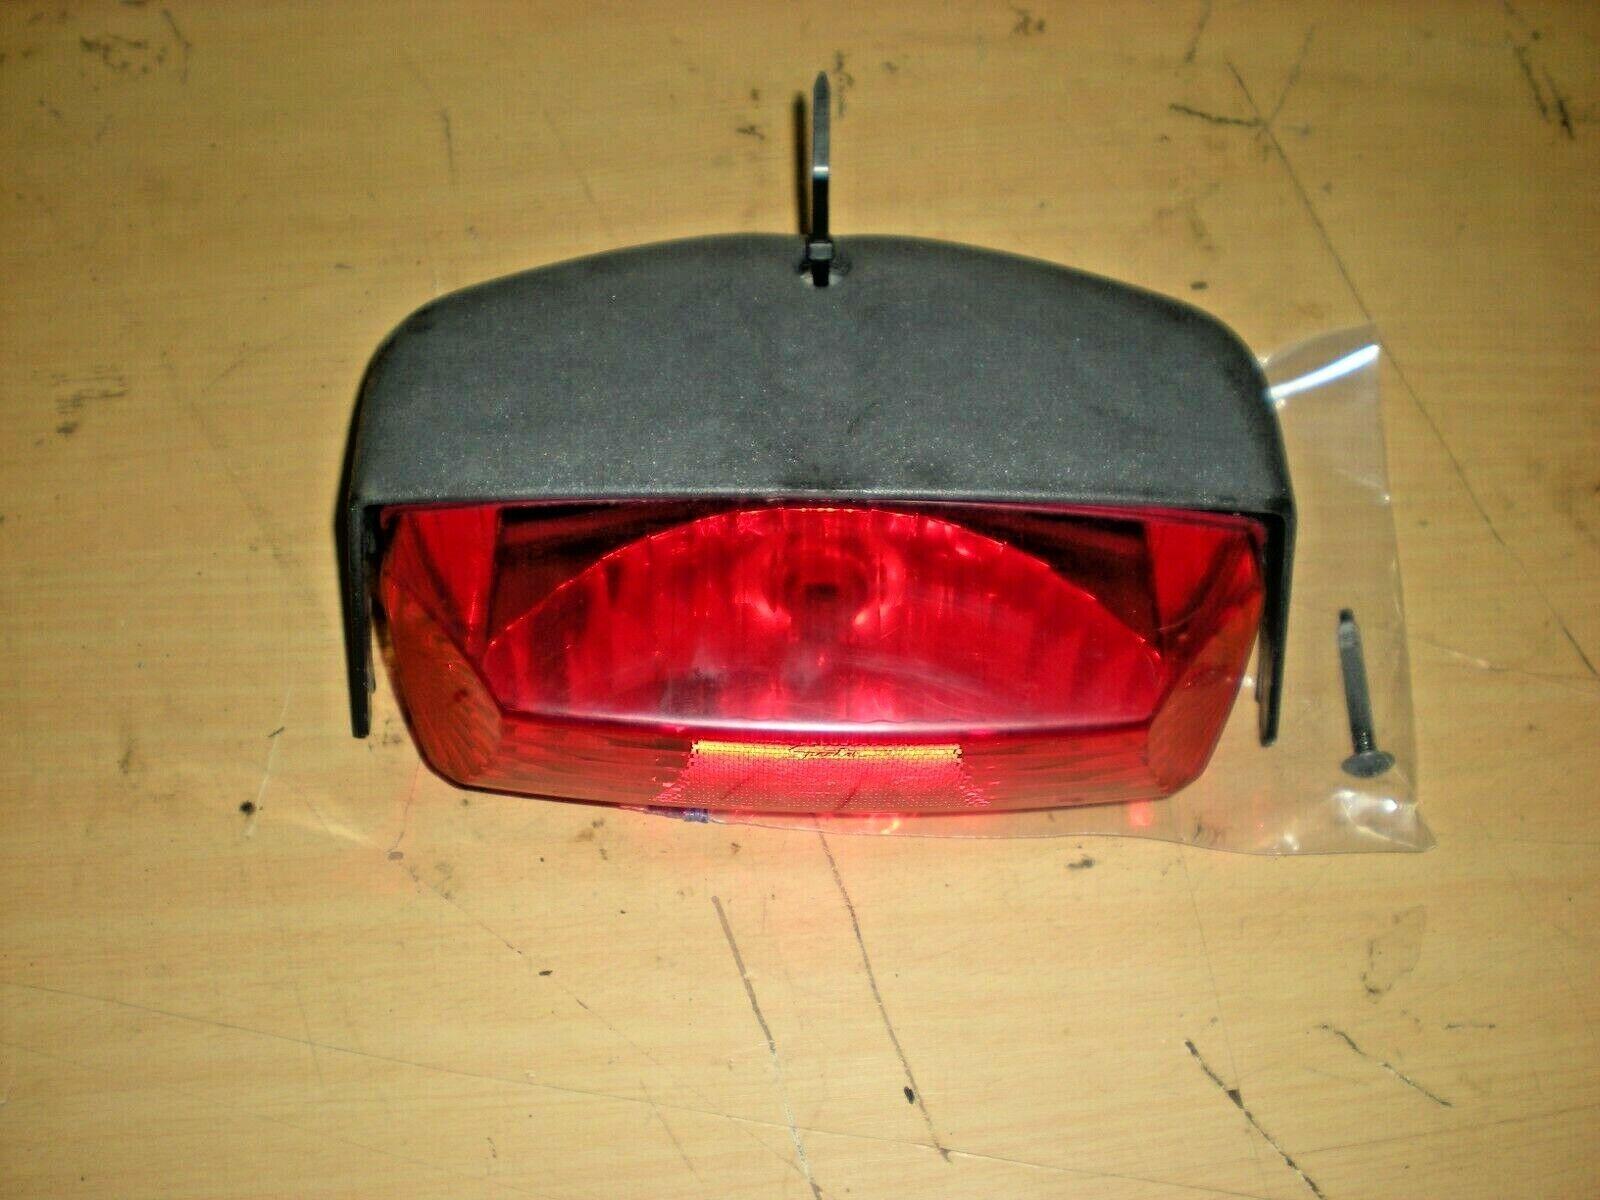 2005-8 ARCTIC CAT M% M6 M8 07-8 M1000 REAR TAIL LIGHT ASSBLY PART#0509-022 C#190